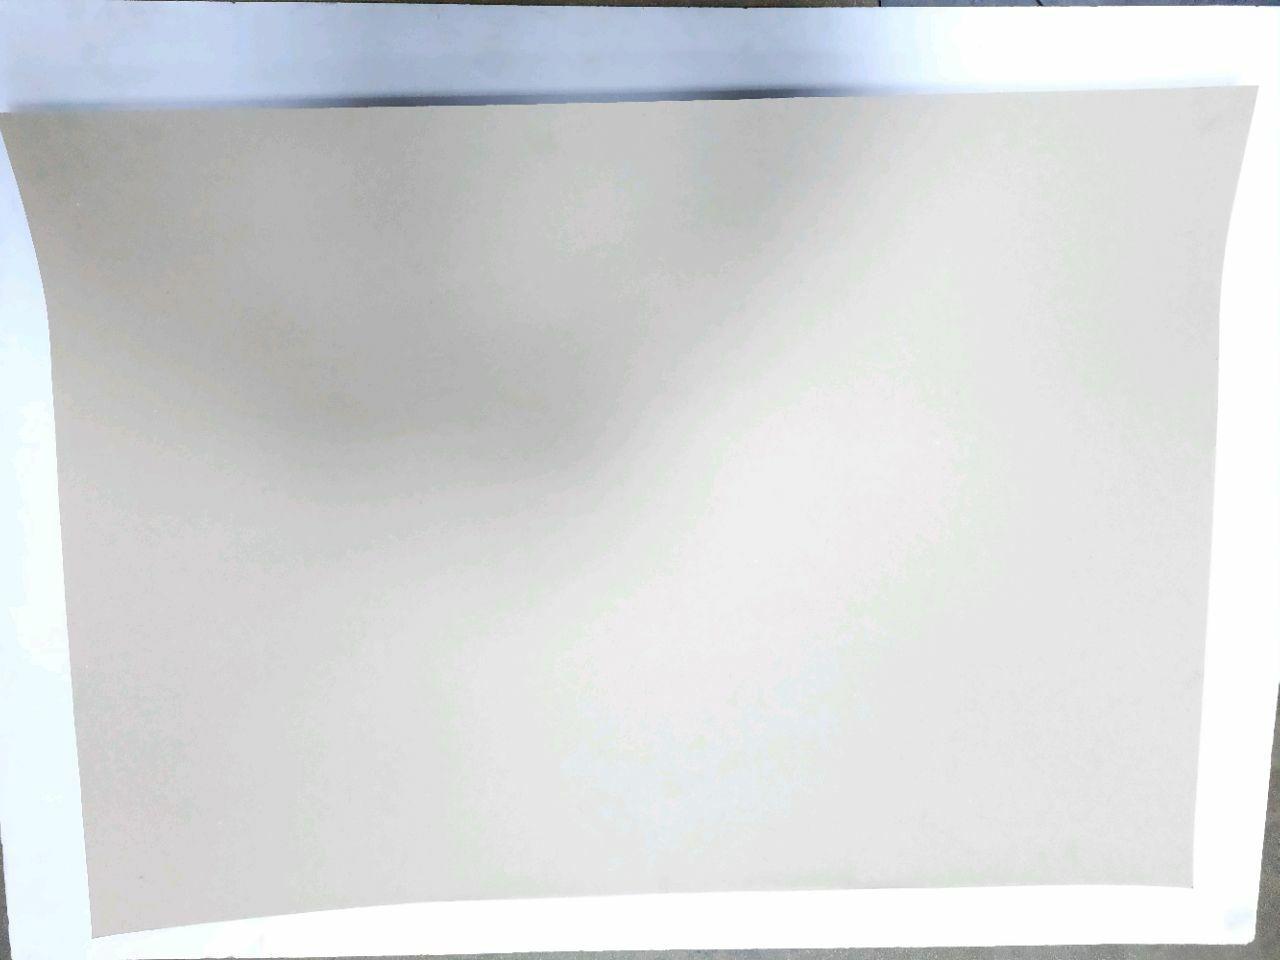 Carton p/u garnituri (740x1050x1mm)